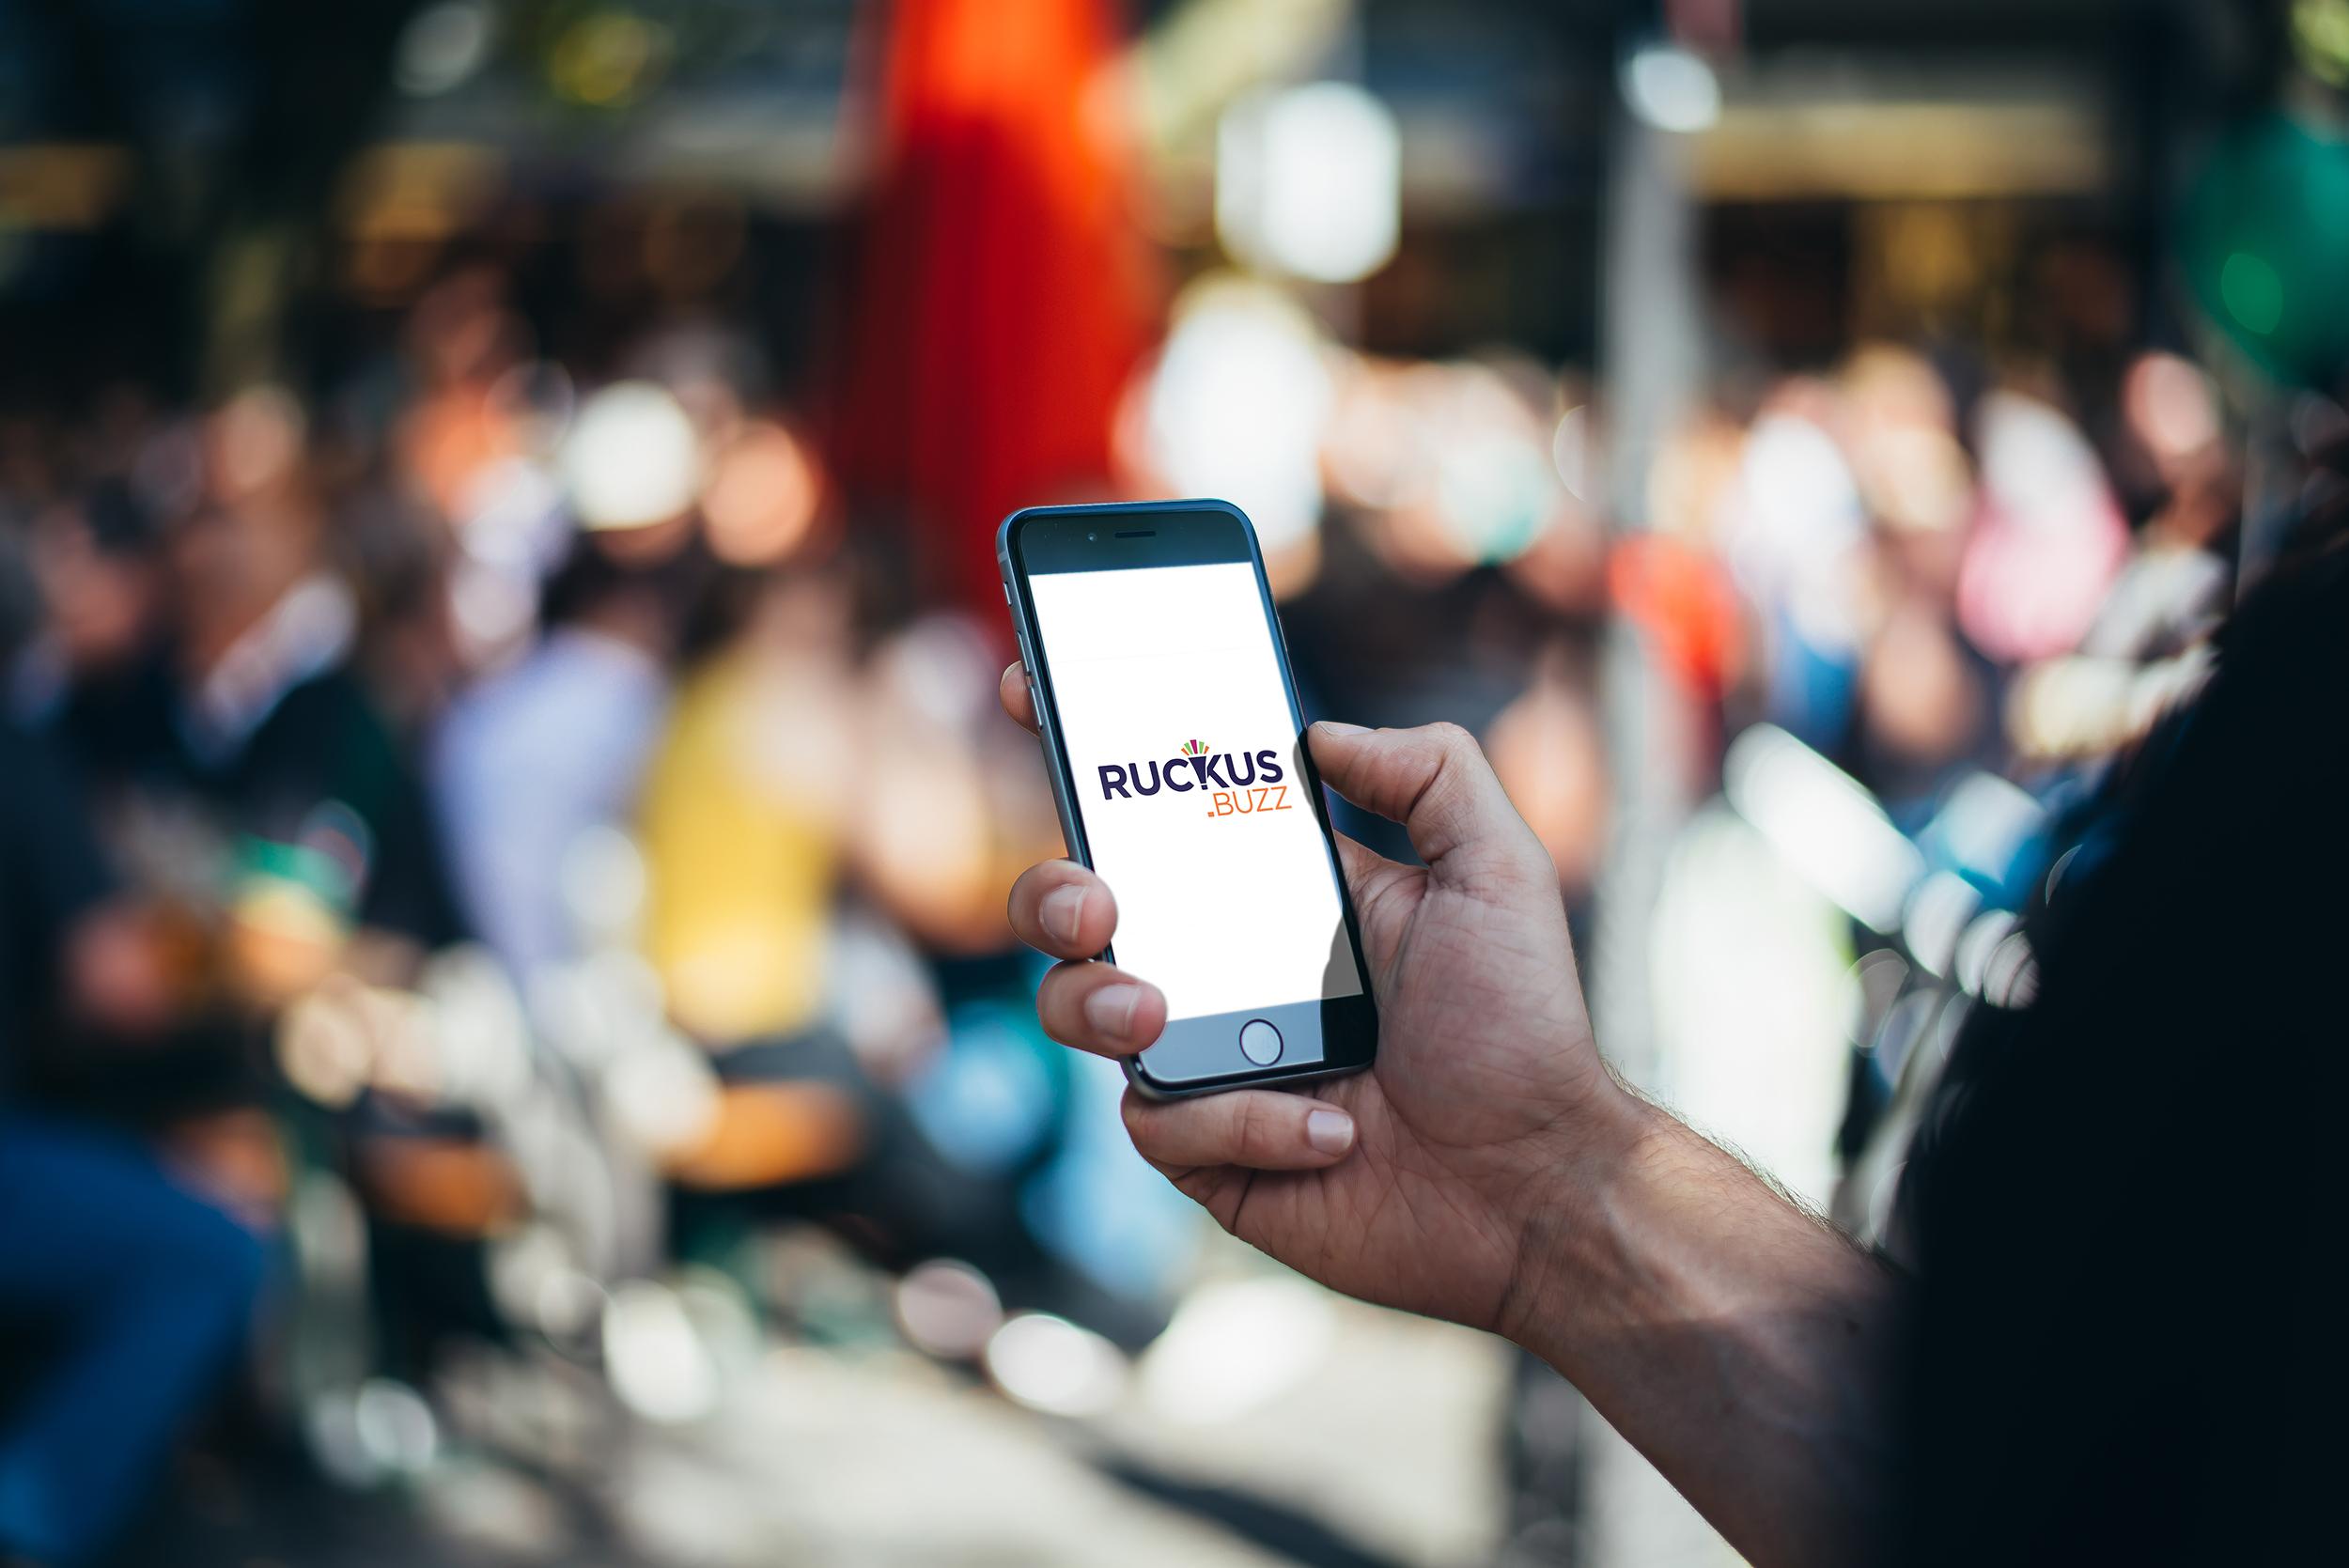 ruckus phone